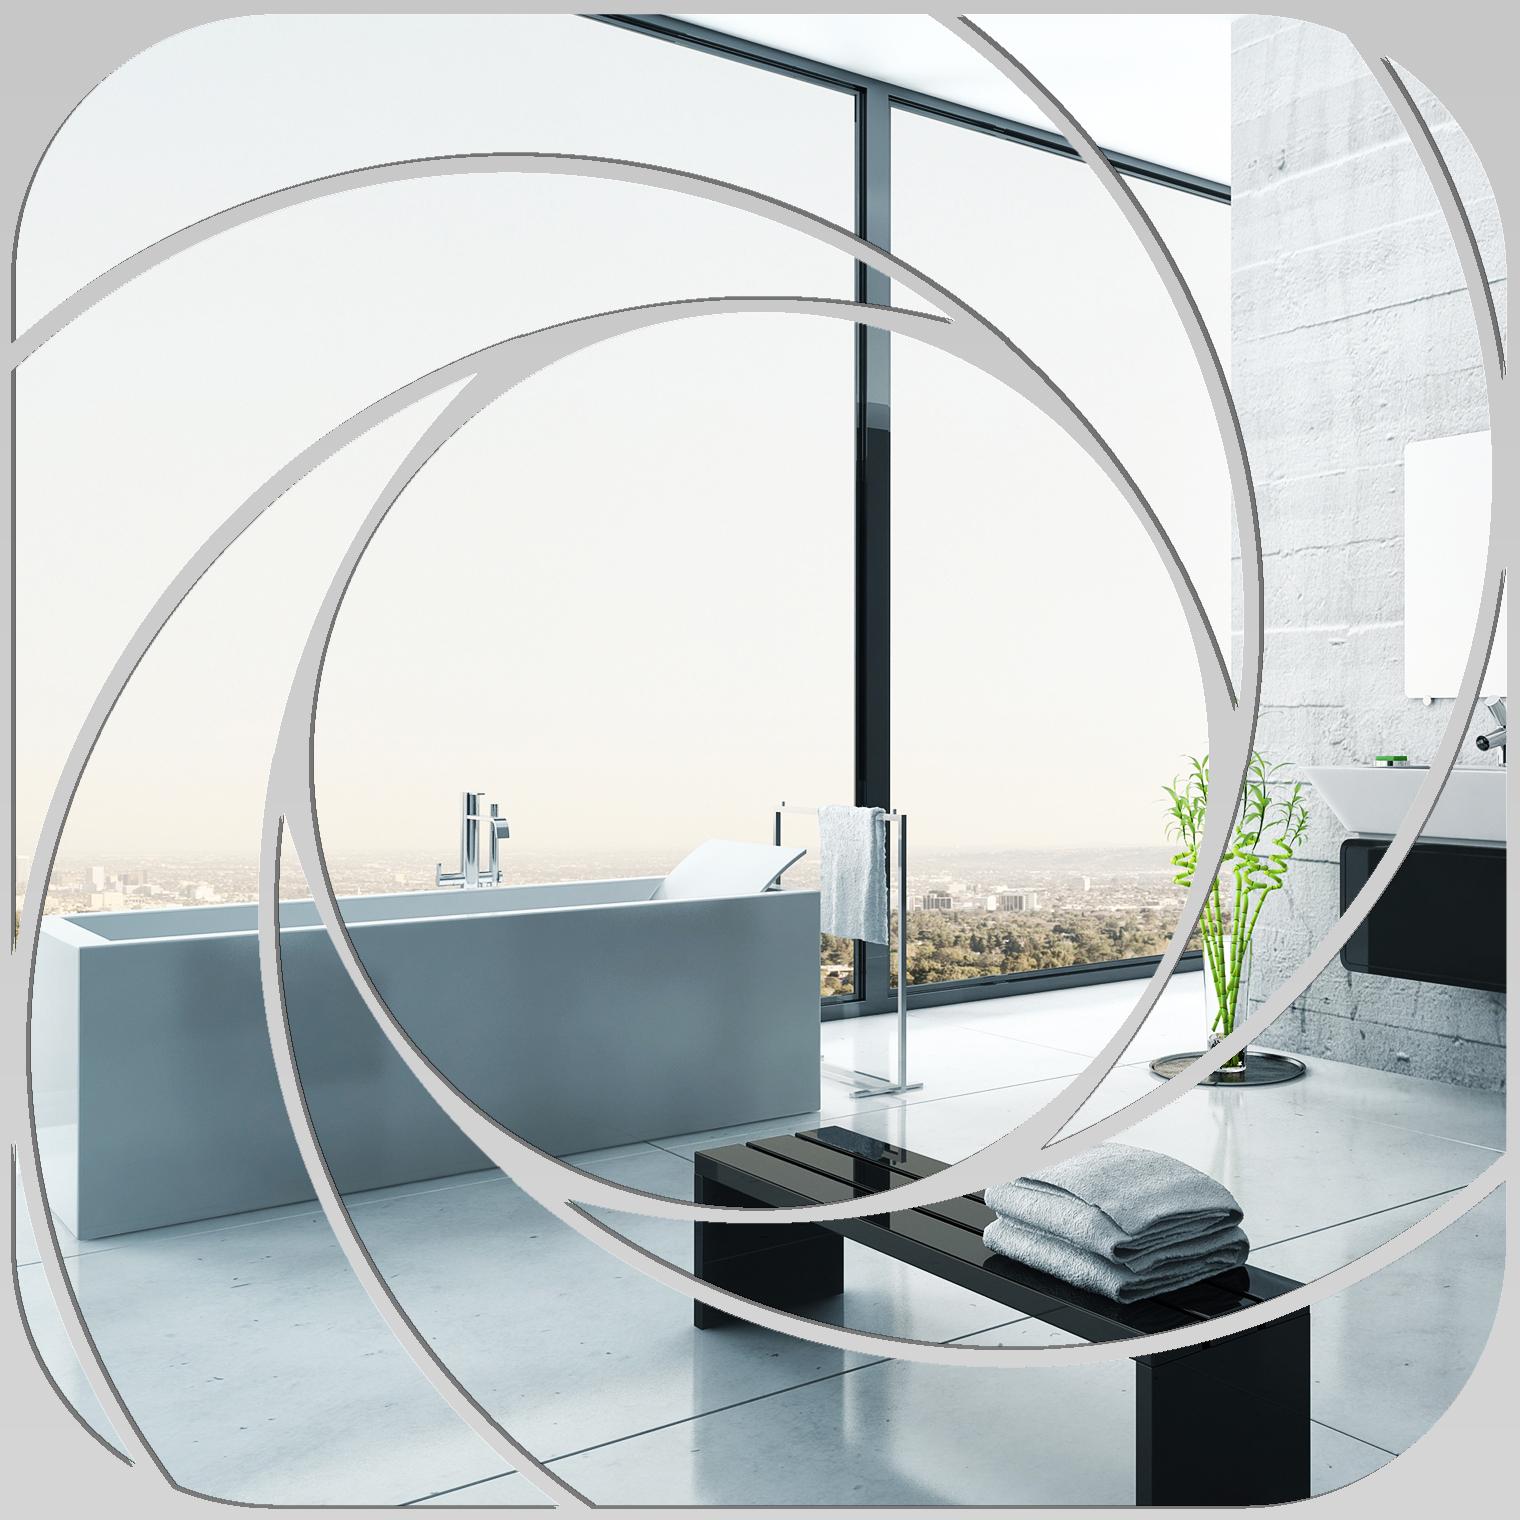 Miroir plexiglass acrylique carr spirales 1 pas cher for Miroir carre pas cher